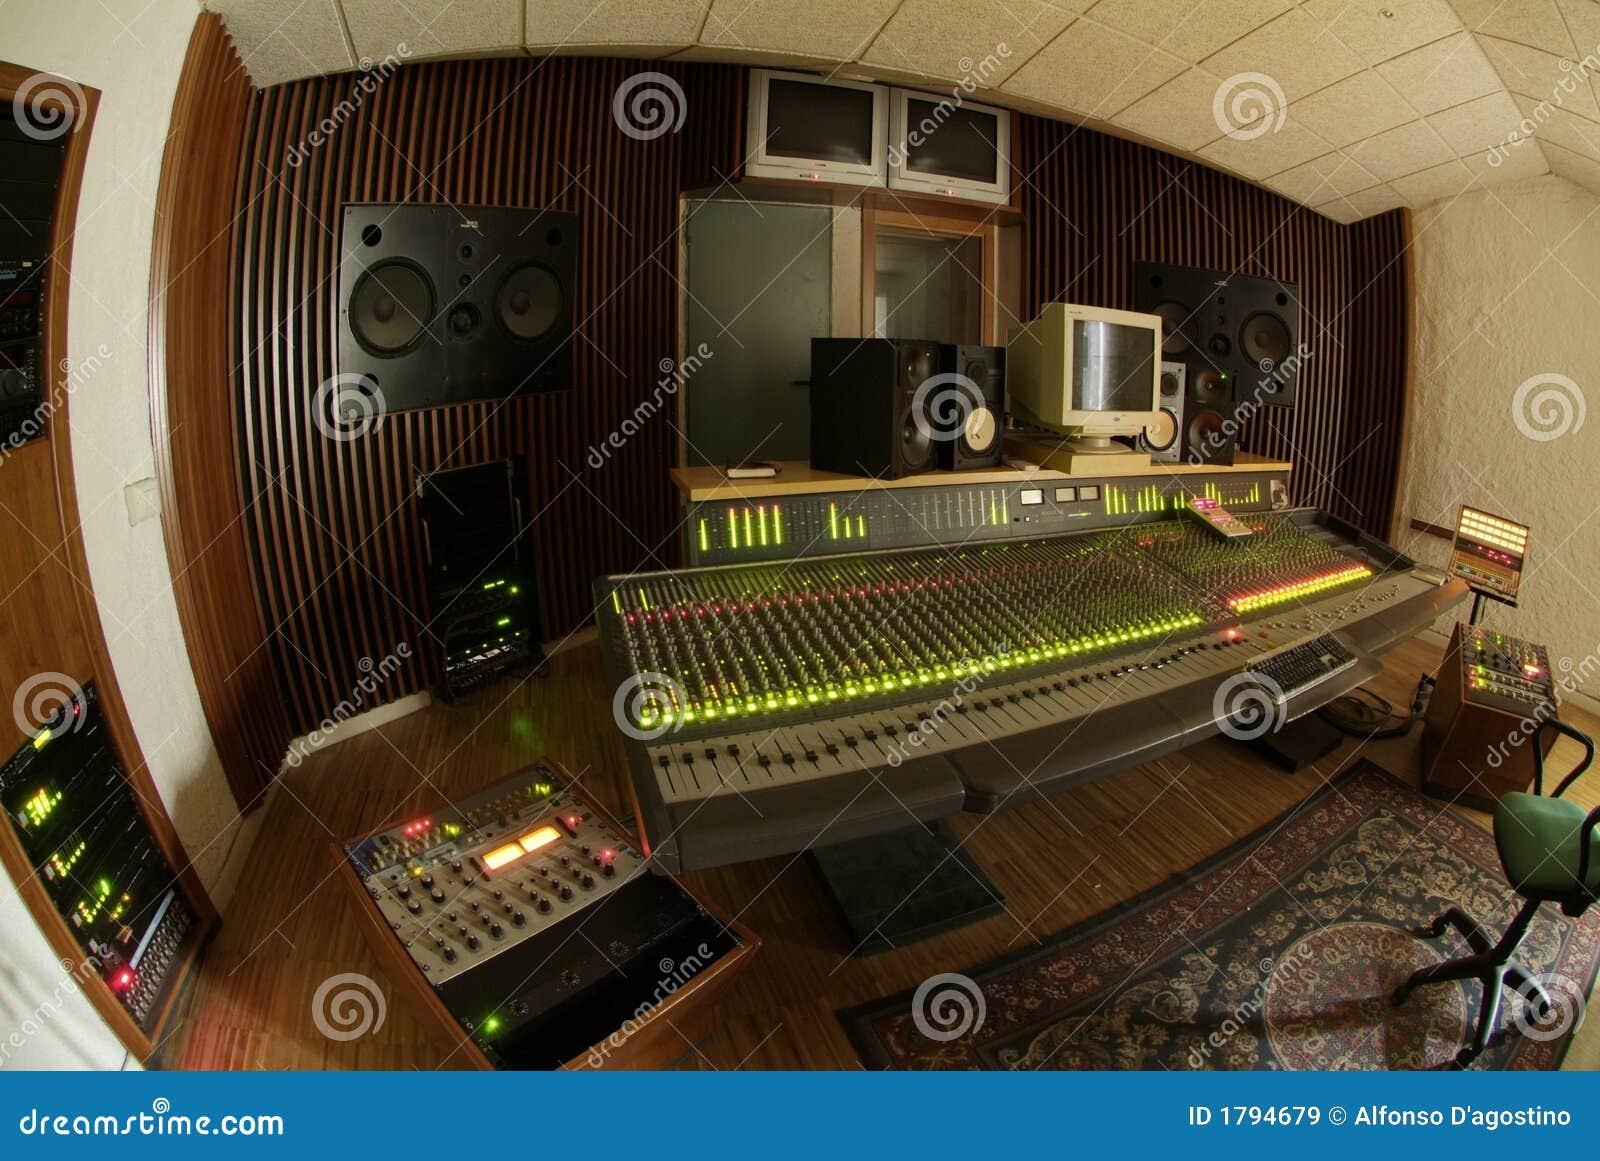 Misturador audio profissional